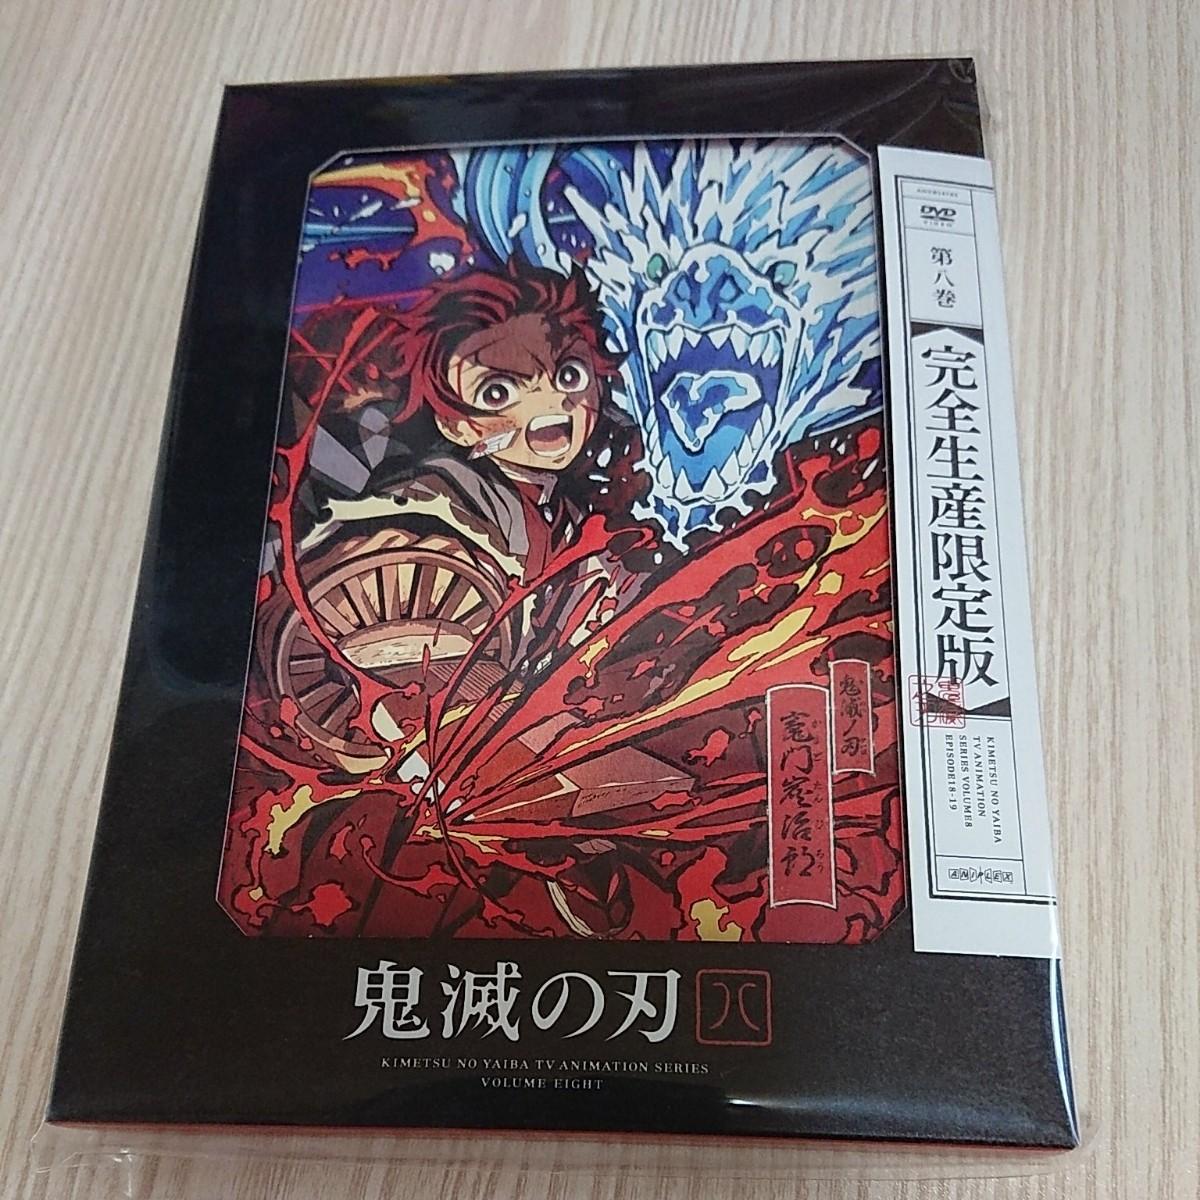 鬼滅の刃 8 DVD 【完全生産限定版】